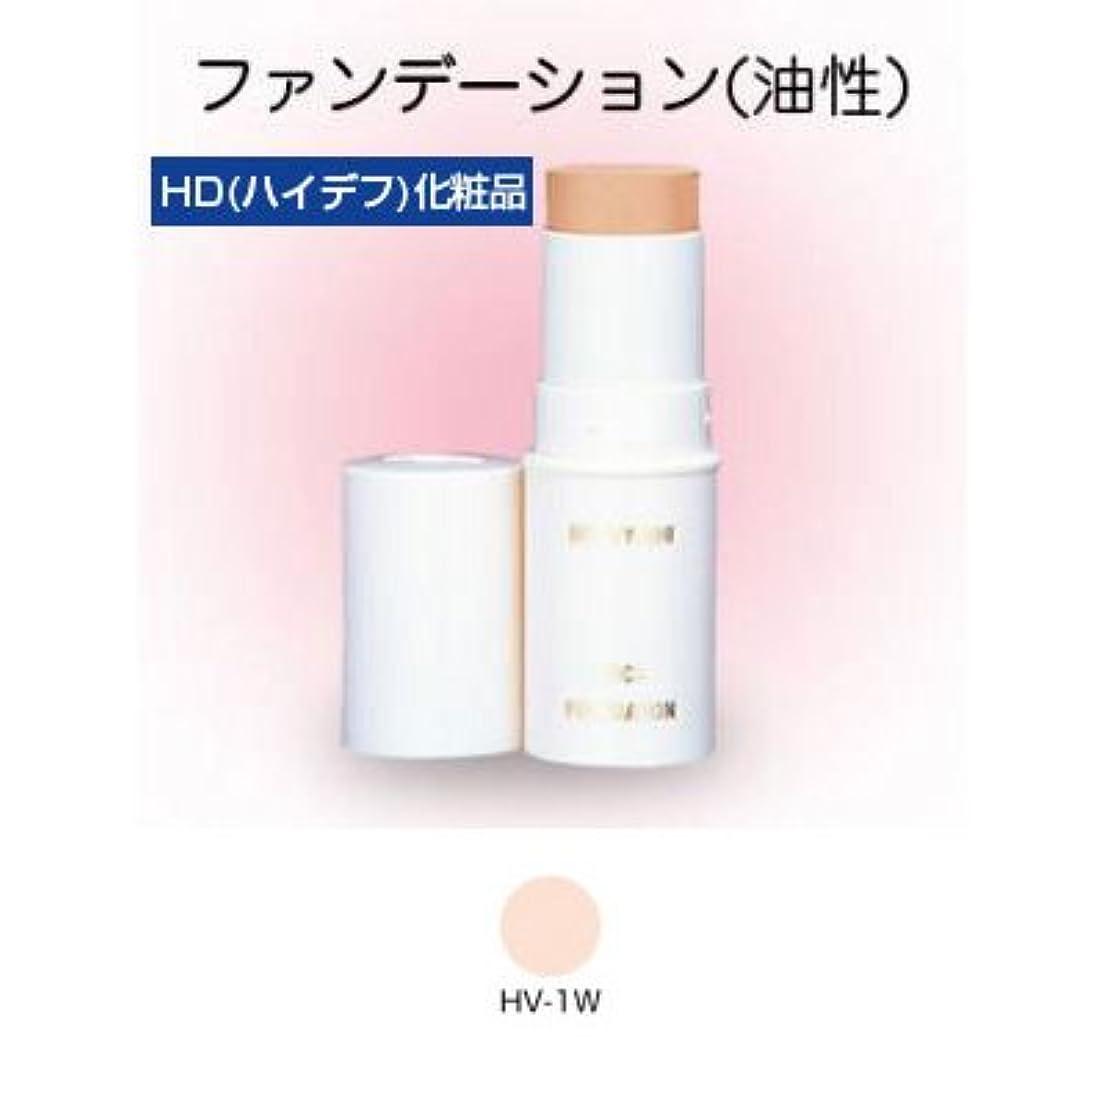 送金実り多い払い戻しスティックファンデーション HD化粧品 17g 1W 【三善】